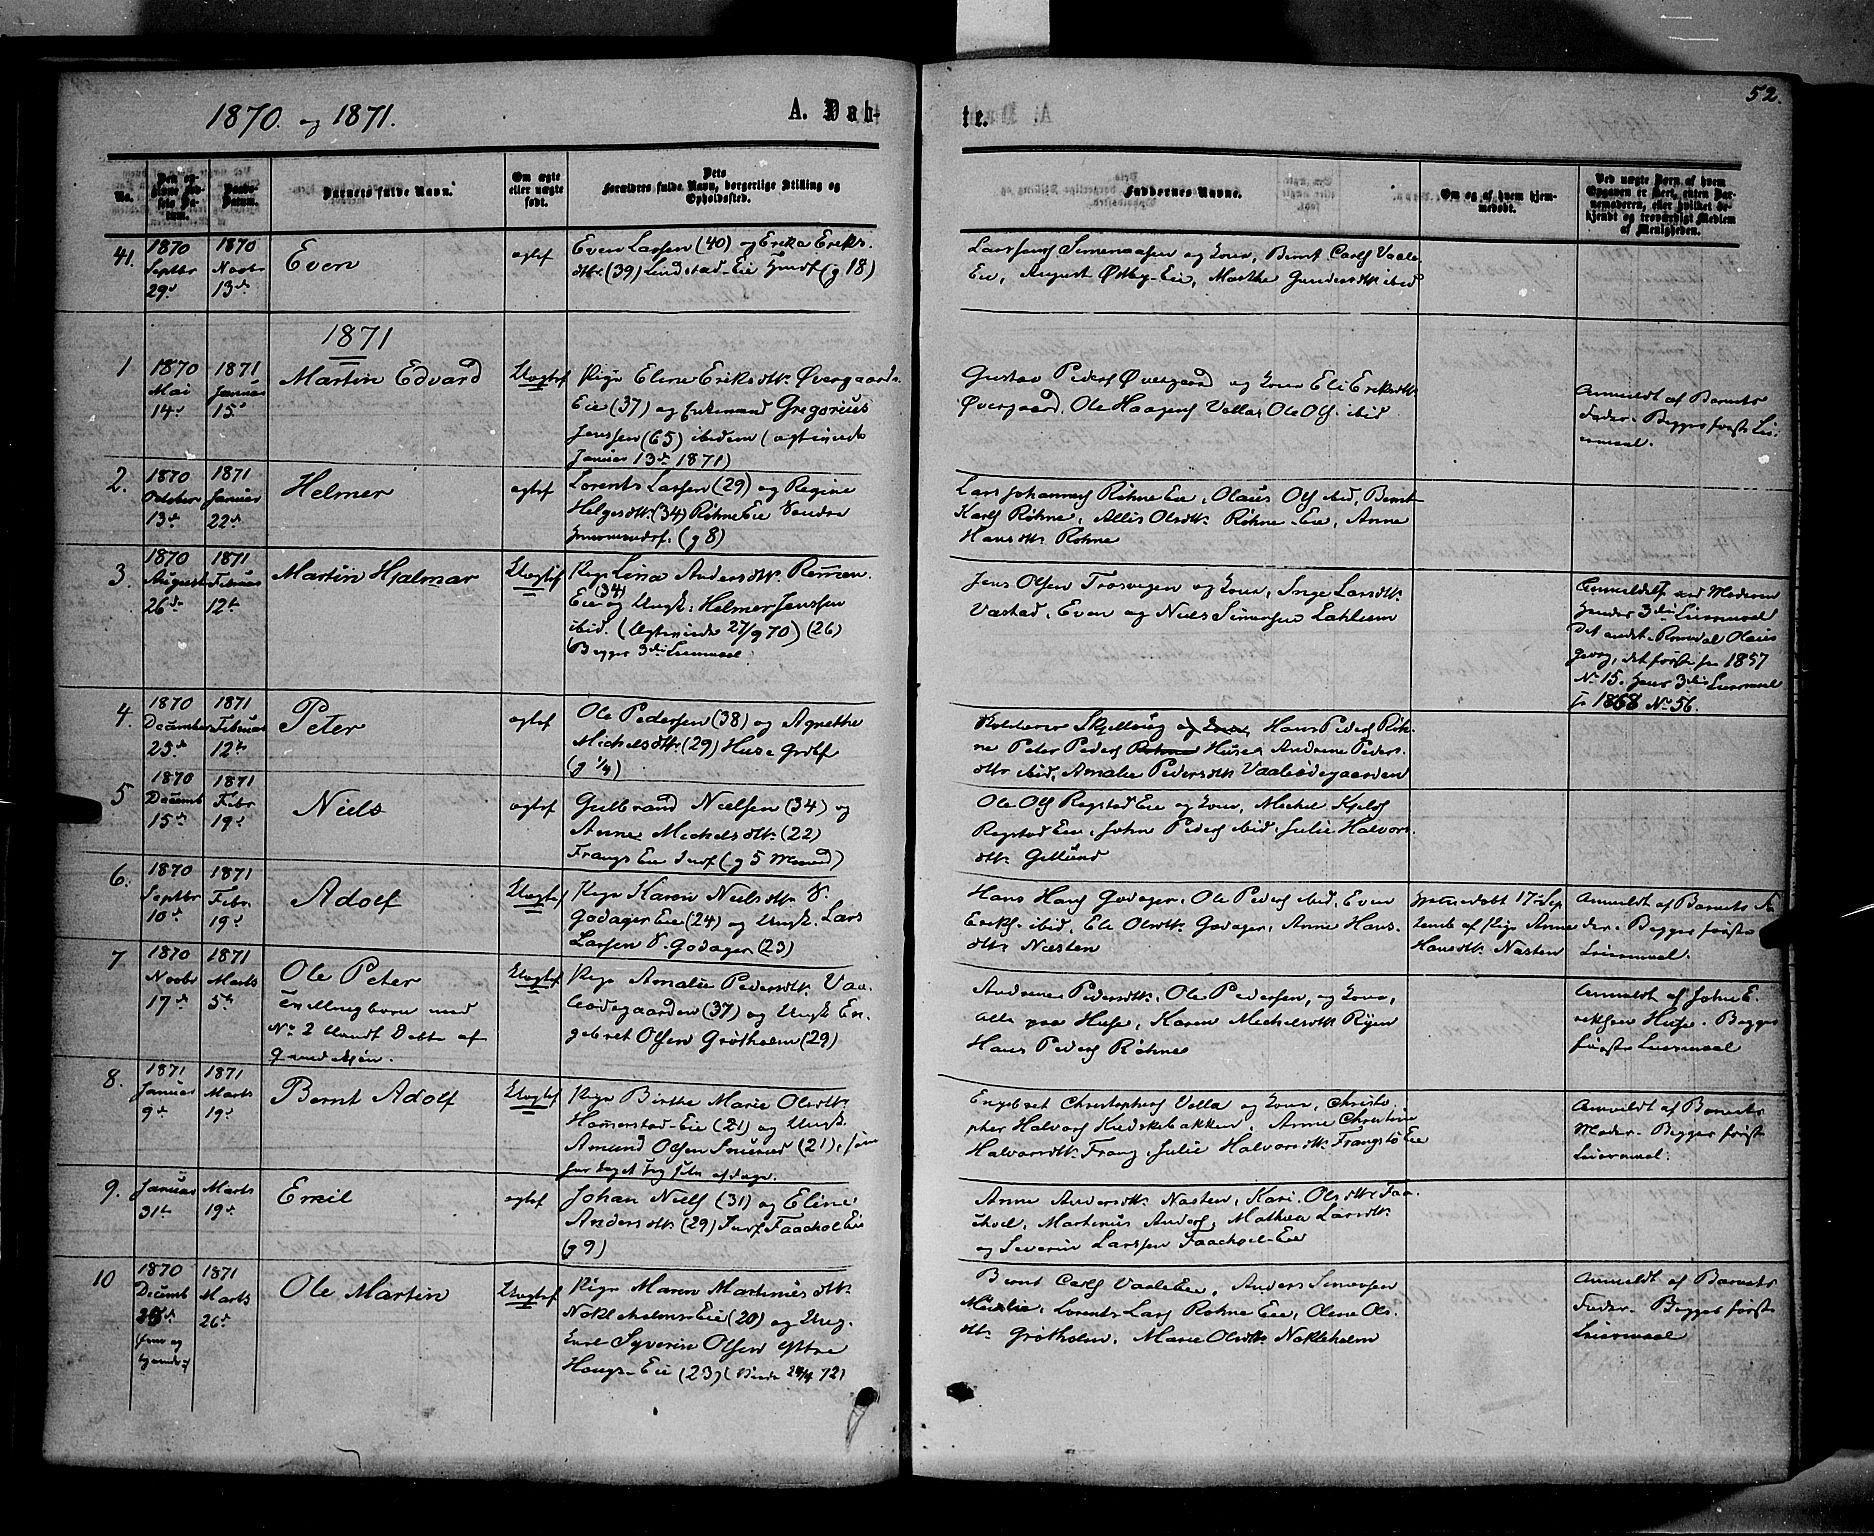 SAH, Stange prestekontor, K/L0013: Parish register (official) no. 13, 1862-1879, p. 52